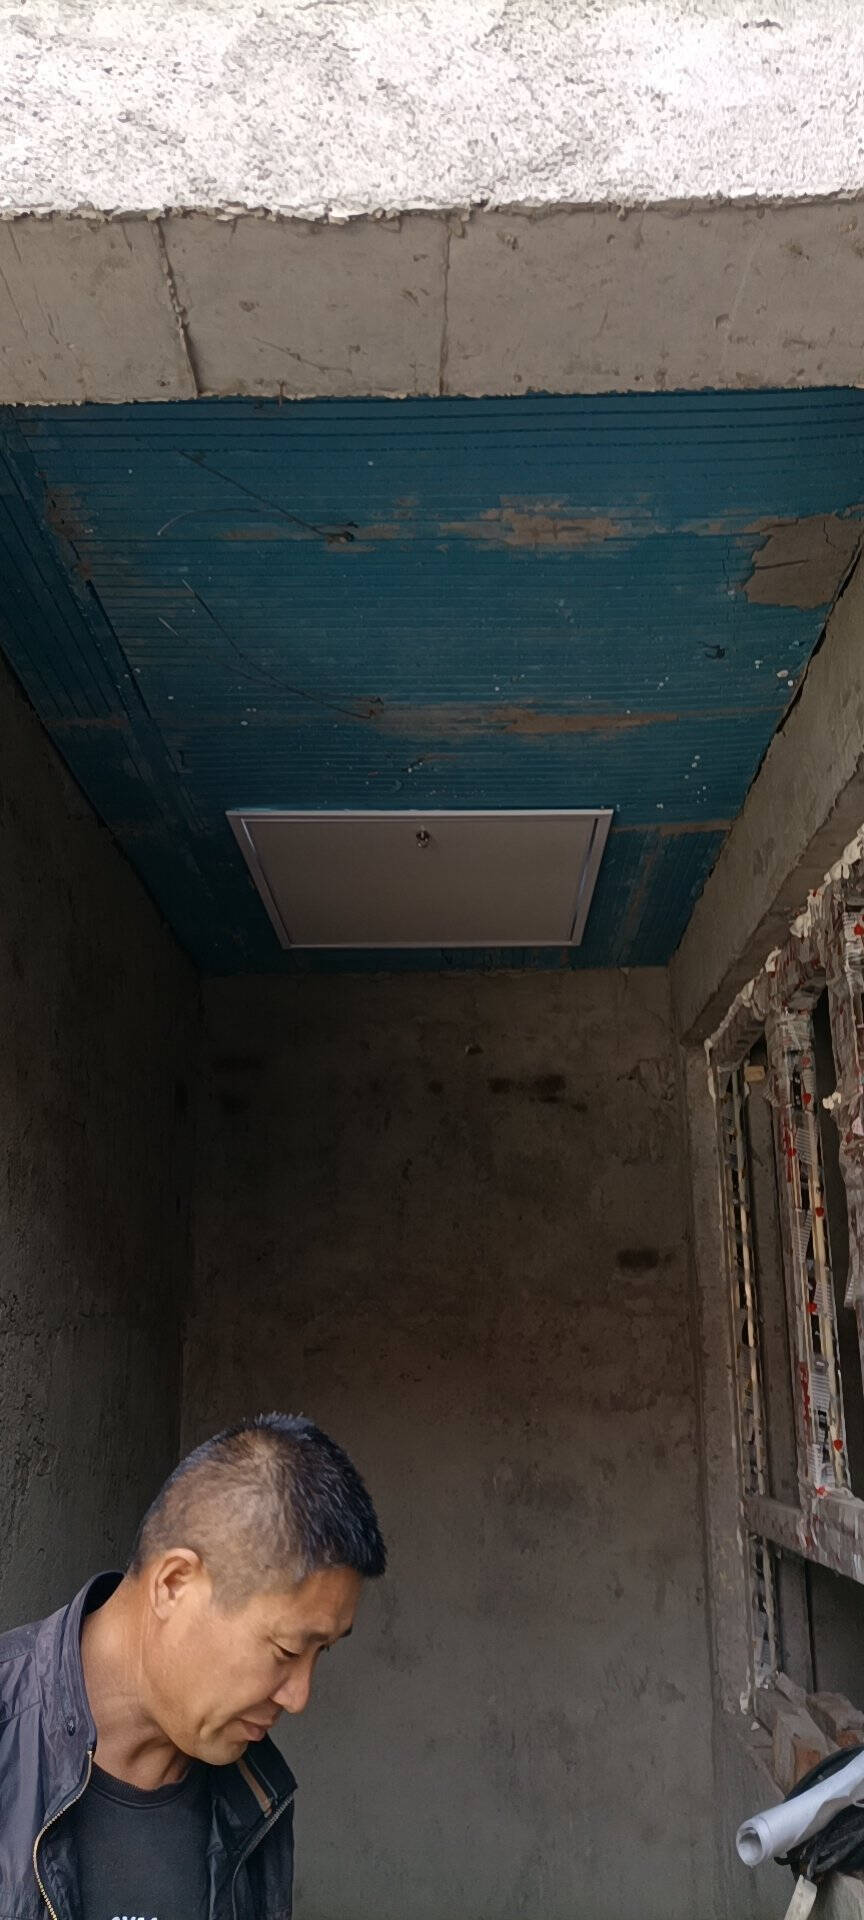 YY家梯子电动阁楼伸缩楼梯别墅复式全自动隐形楼梯爬梯升降家用楼梯室内折叠拉伸升降梯电动款钛镁合金材质70/80*90/100/120